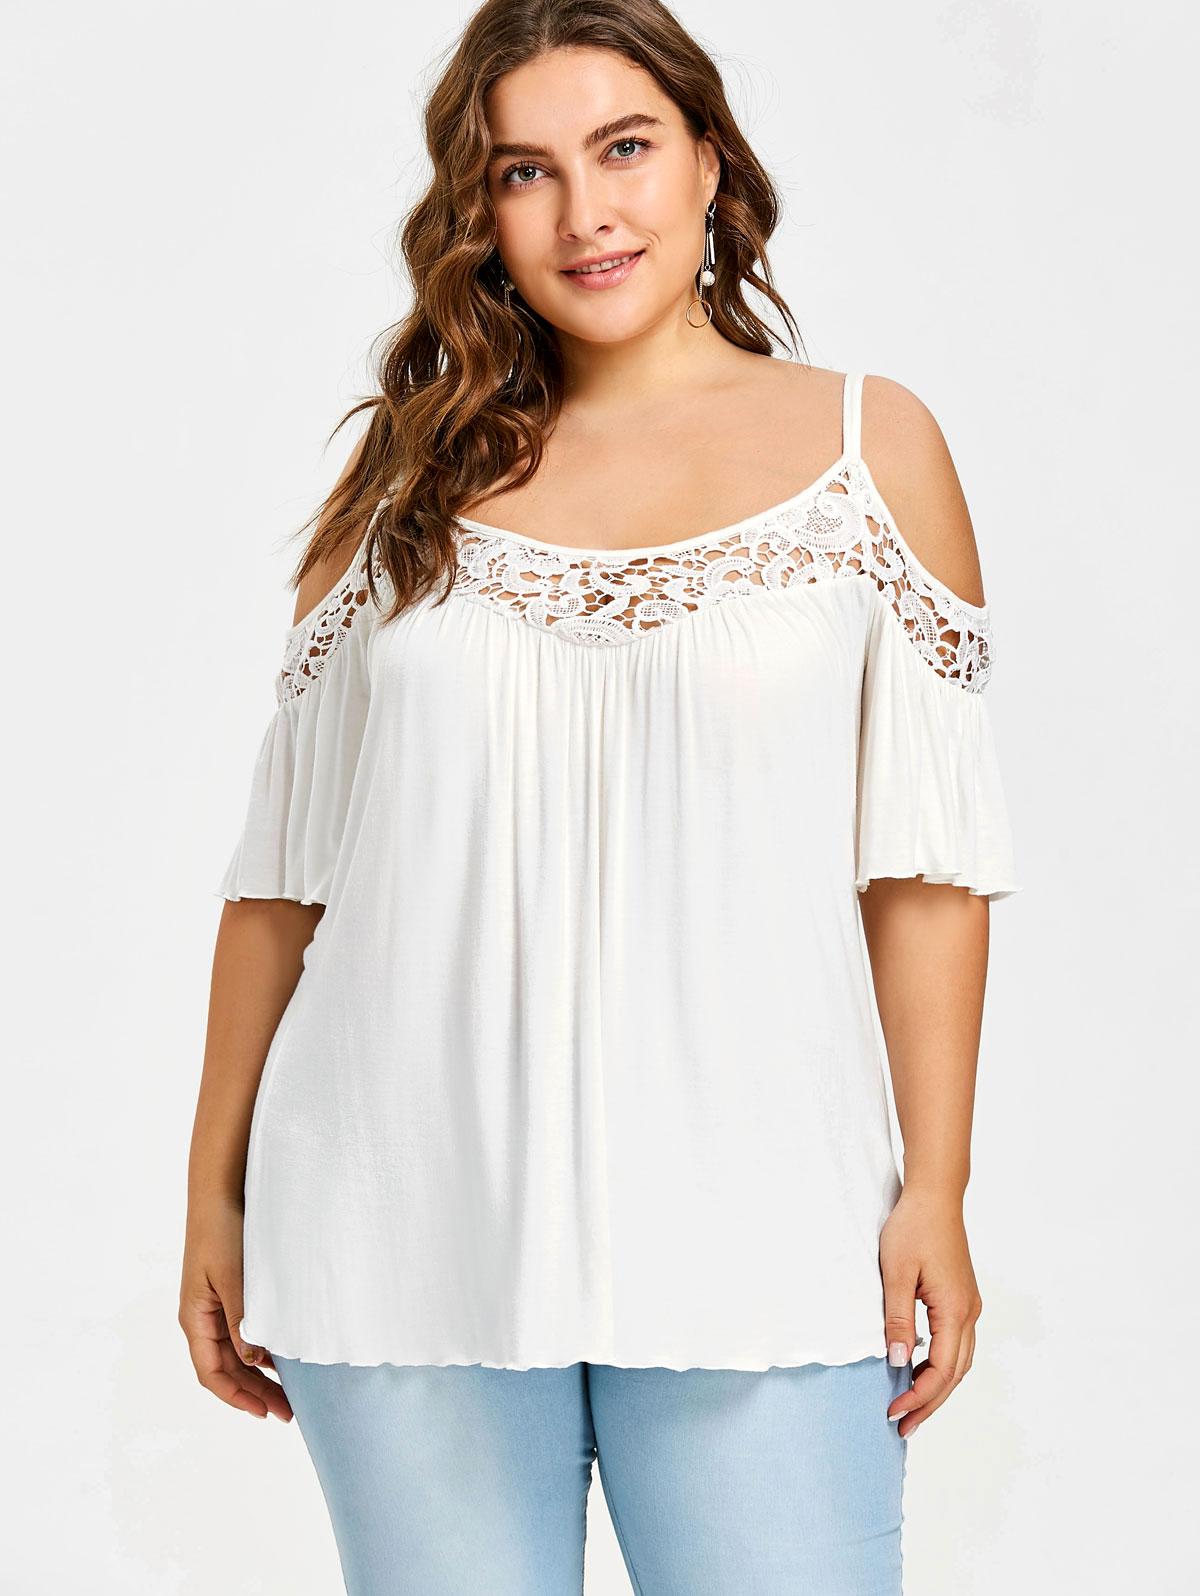 463d887de58 Plus Size Womens Blouses At Dillards